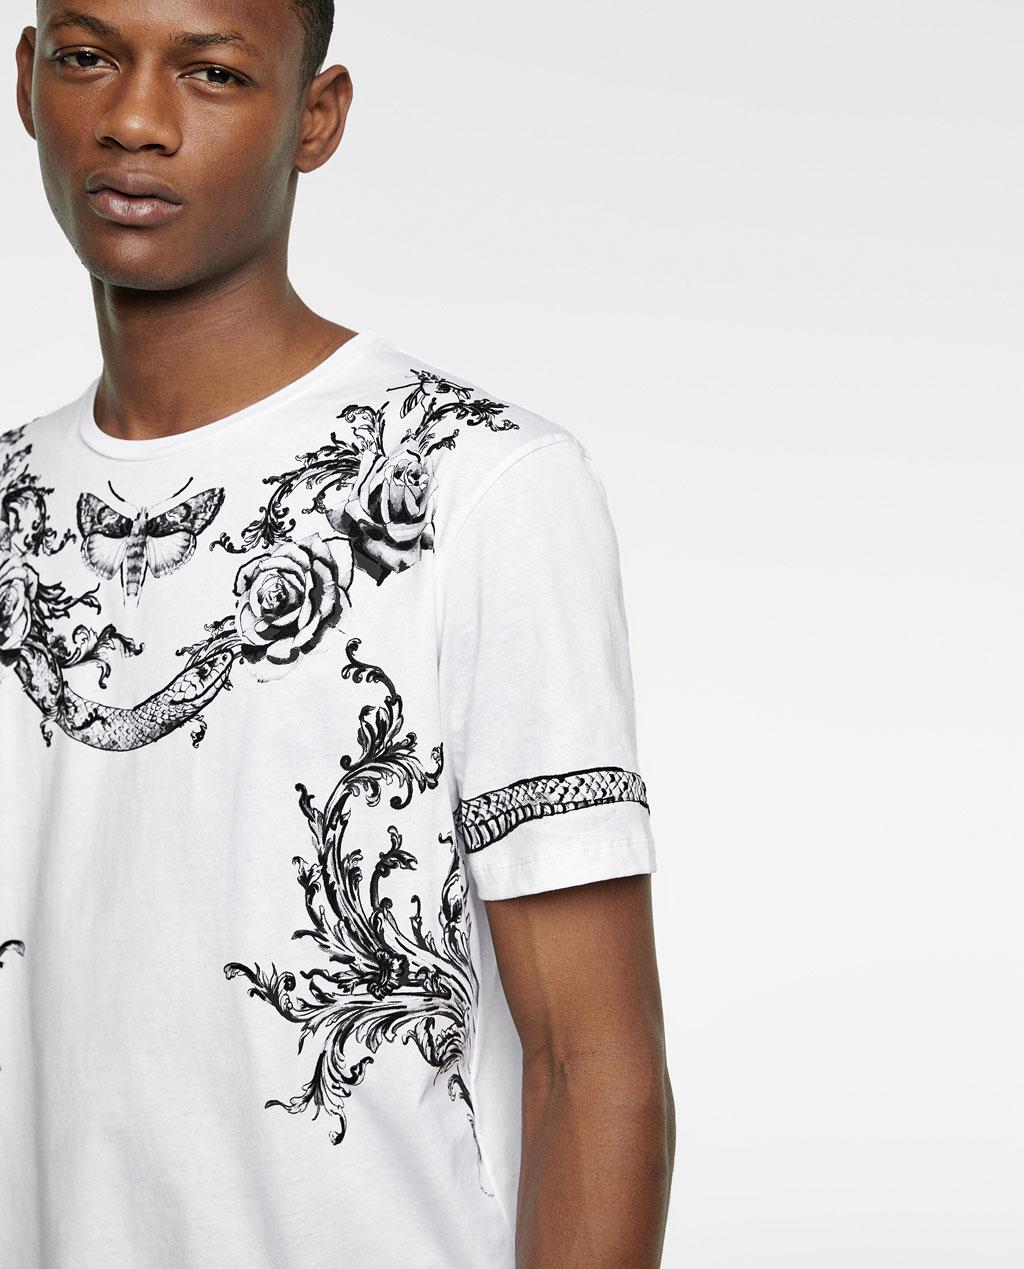 Thời trang nam Zara  23899 - ảnh 6